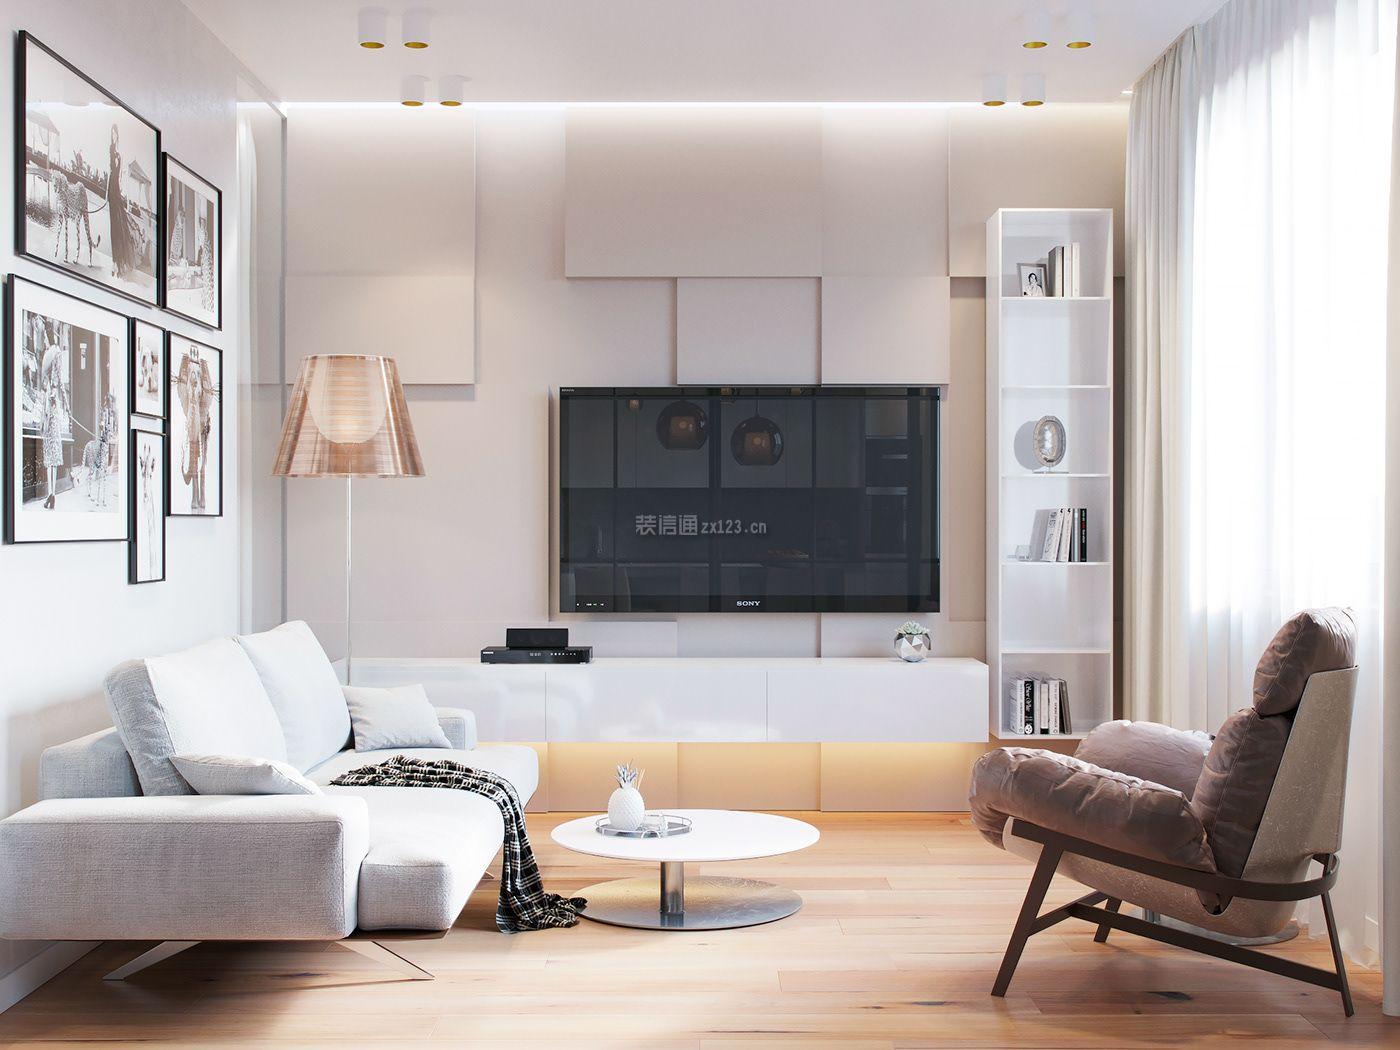 二室一厅小户型客厅电视墙装修设计图2018